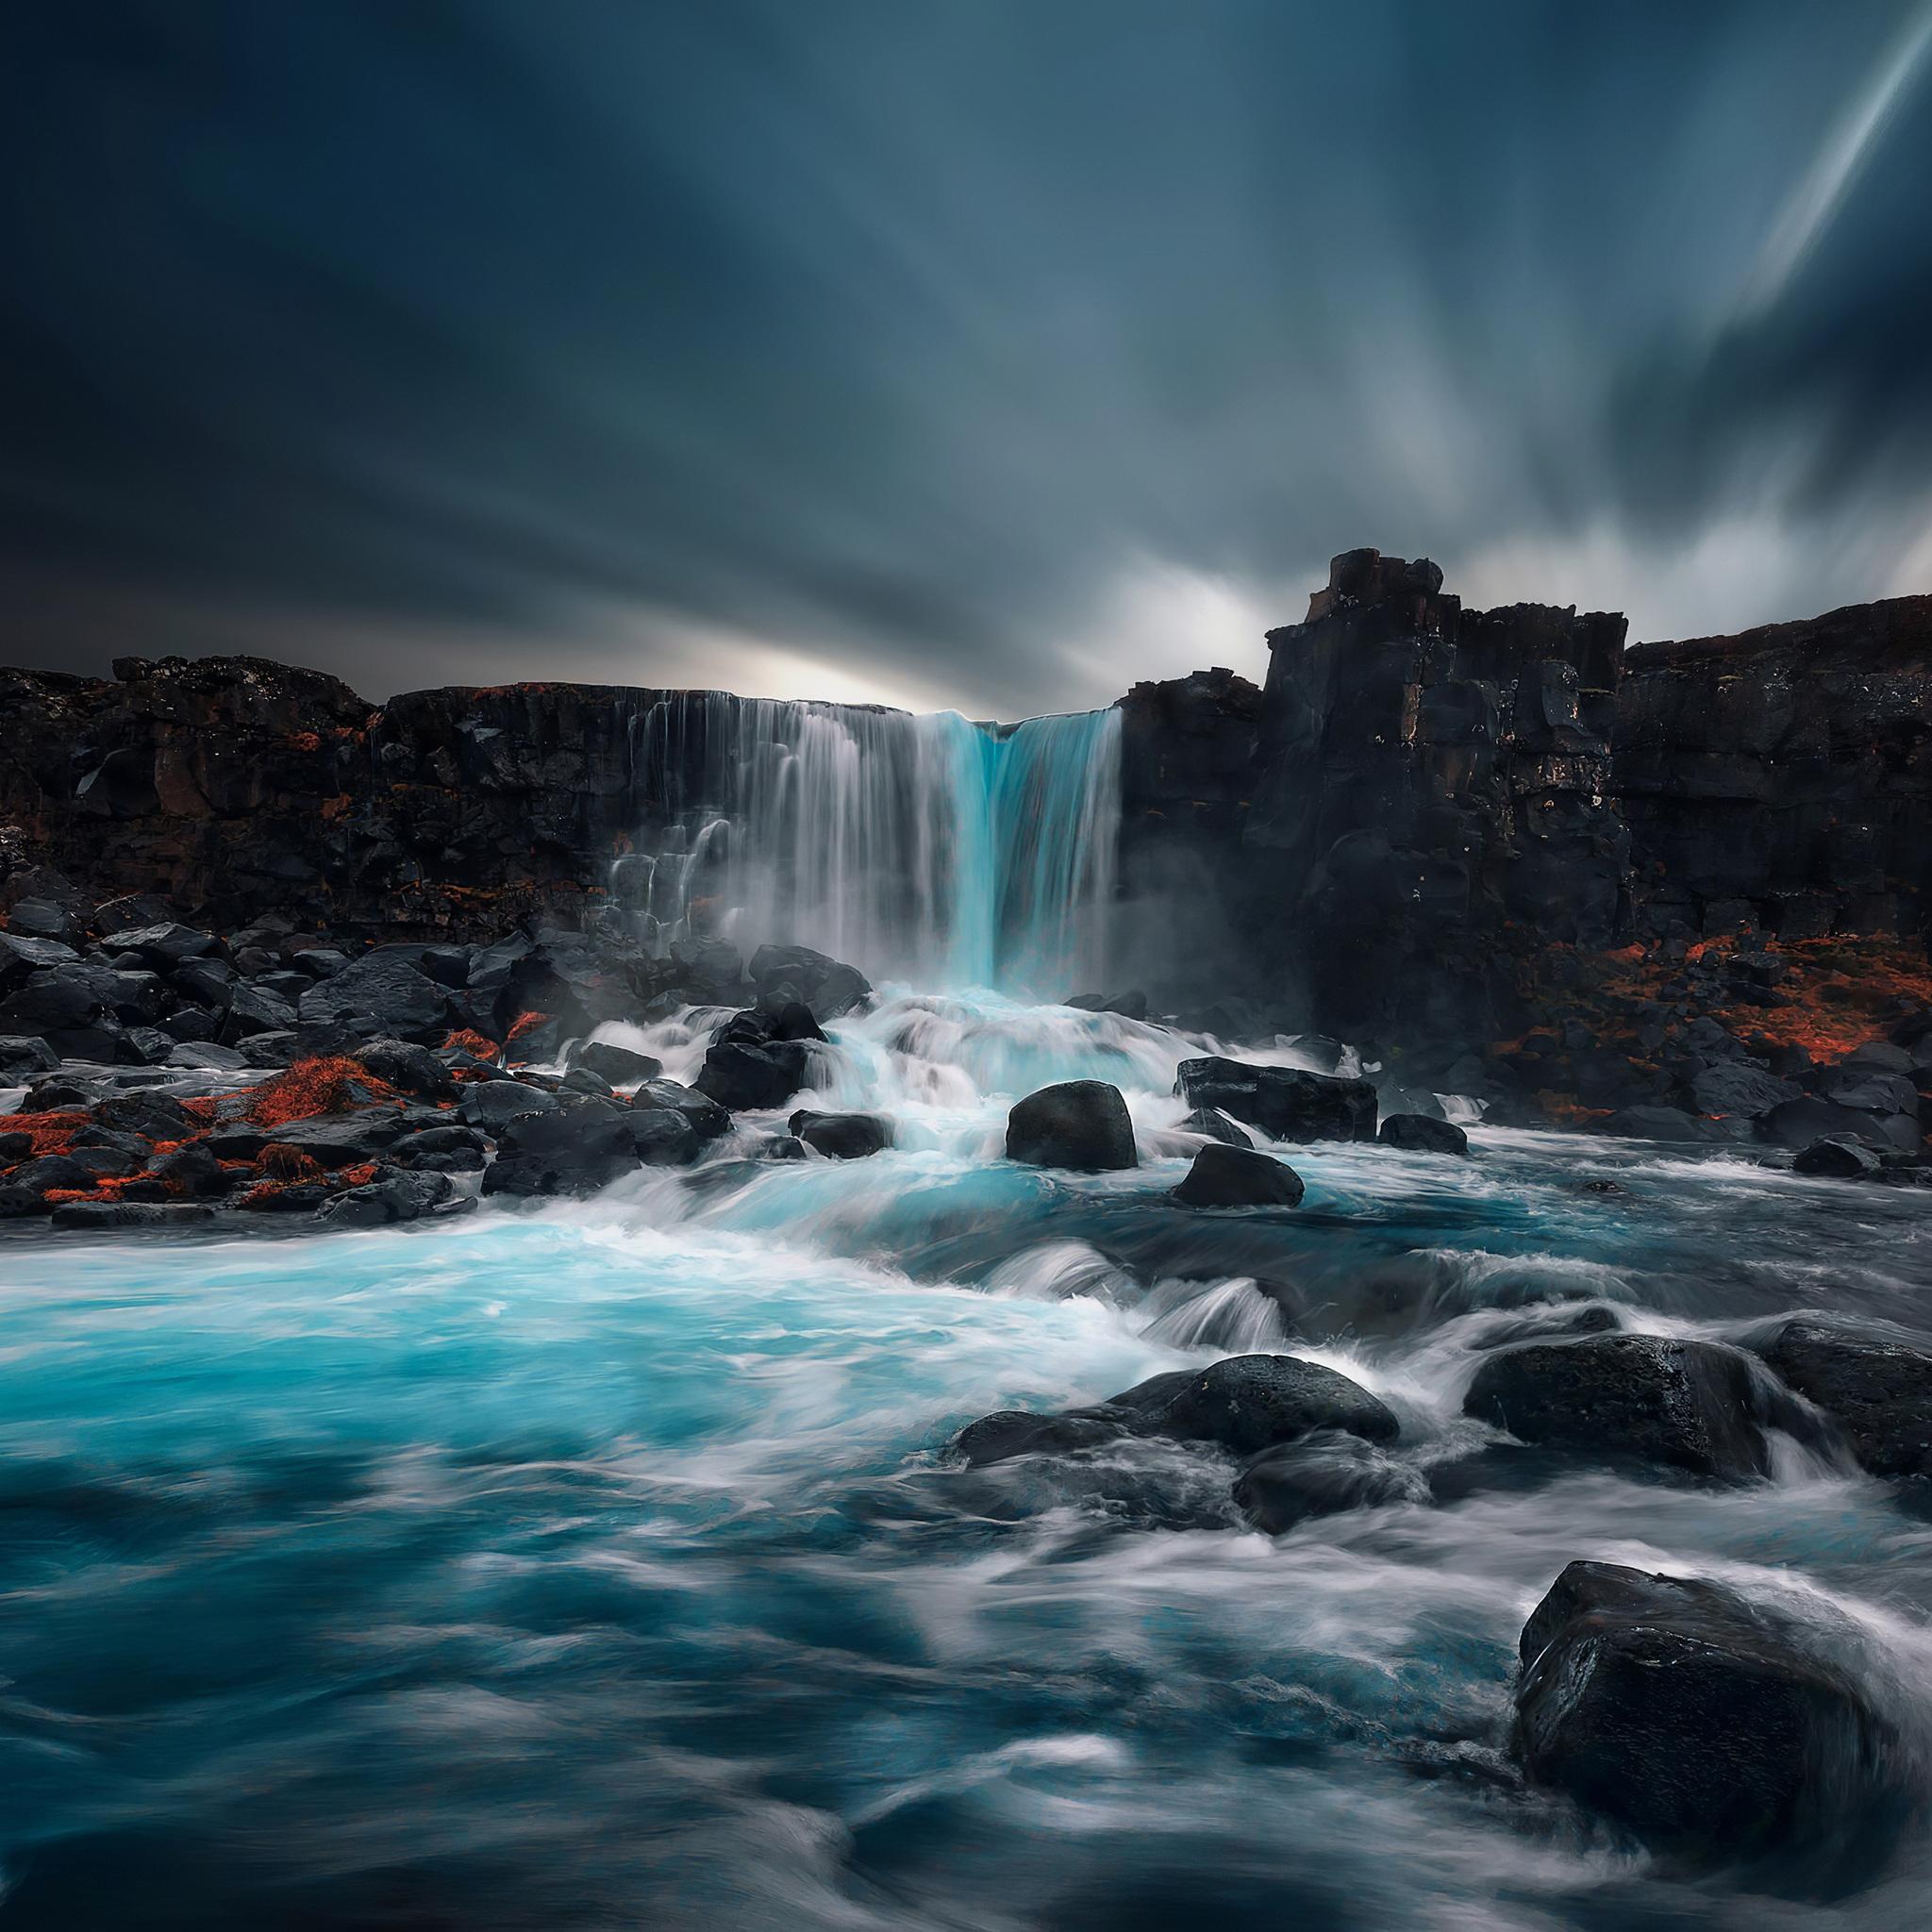 waterfall-rocks-4k-ch.jpg